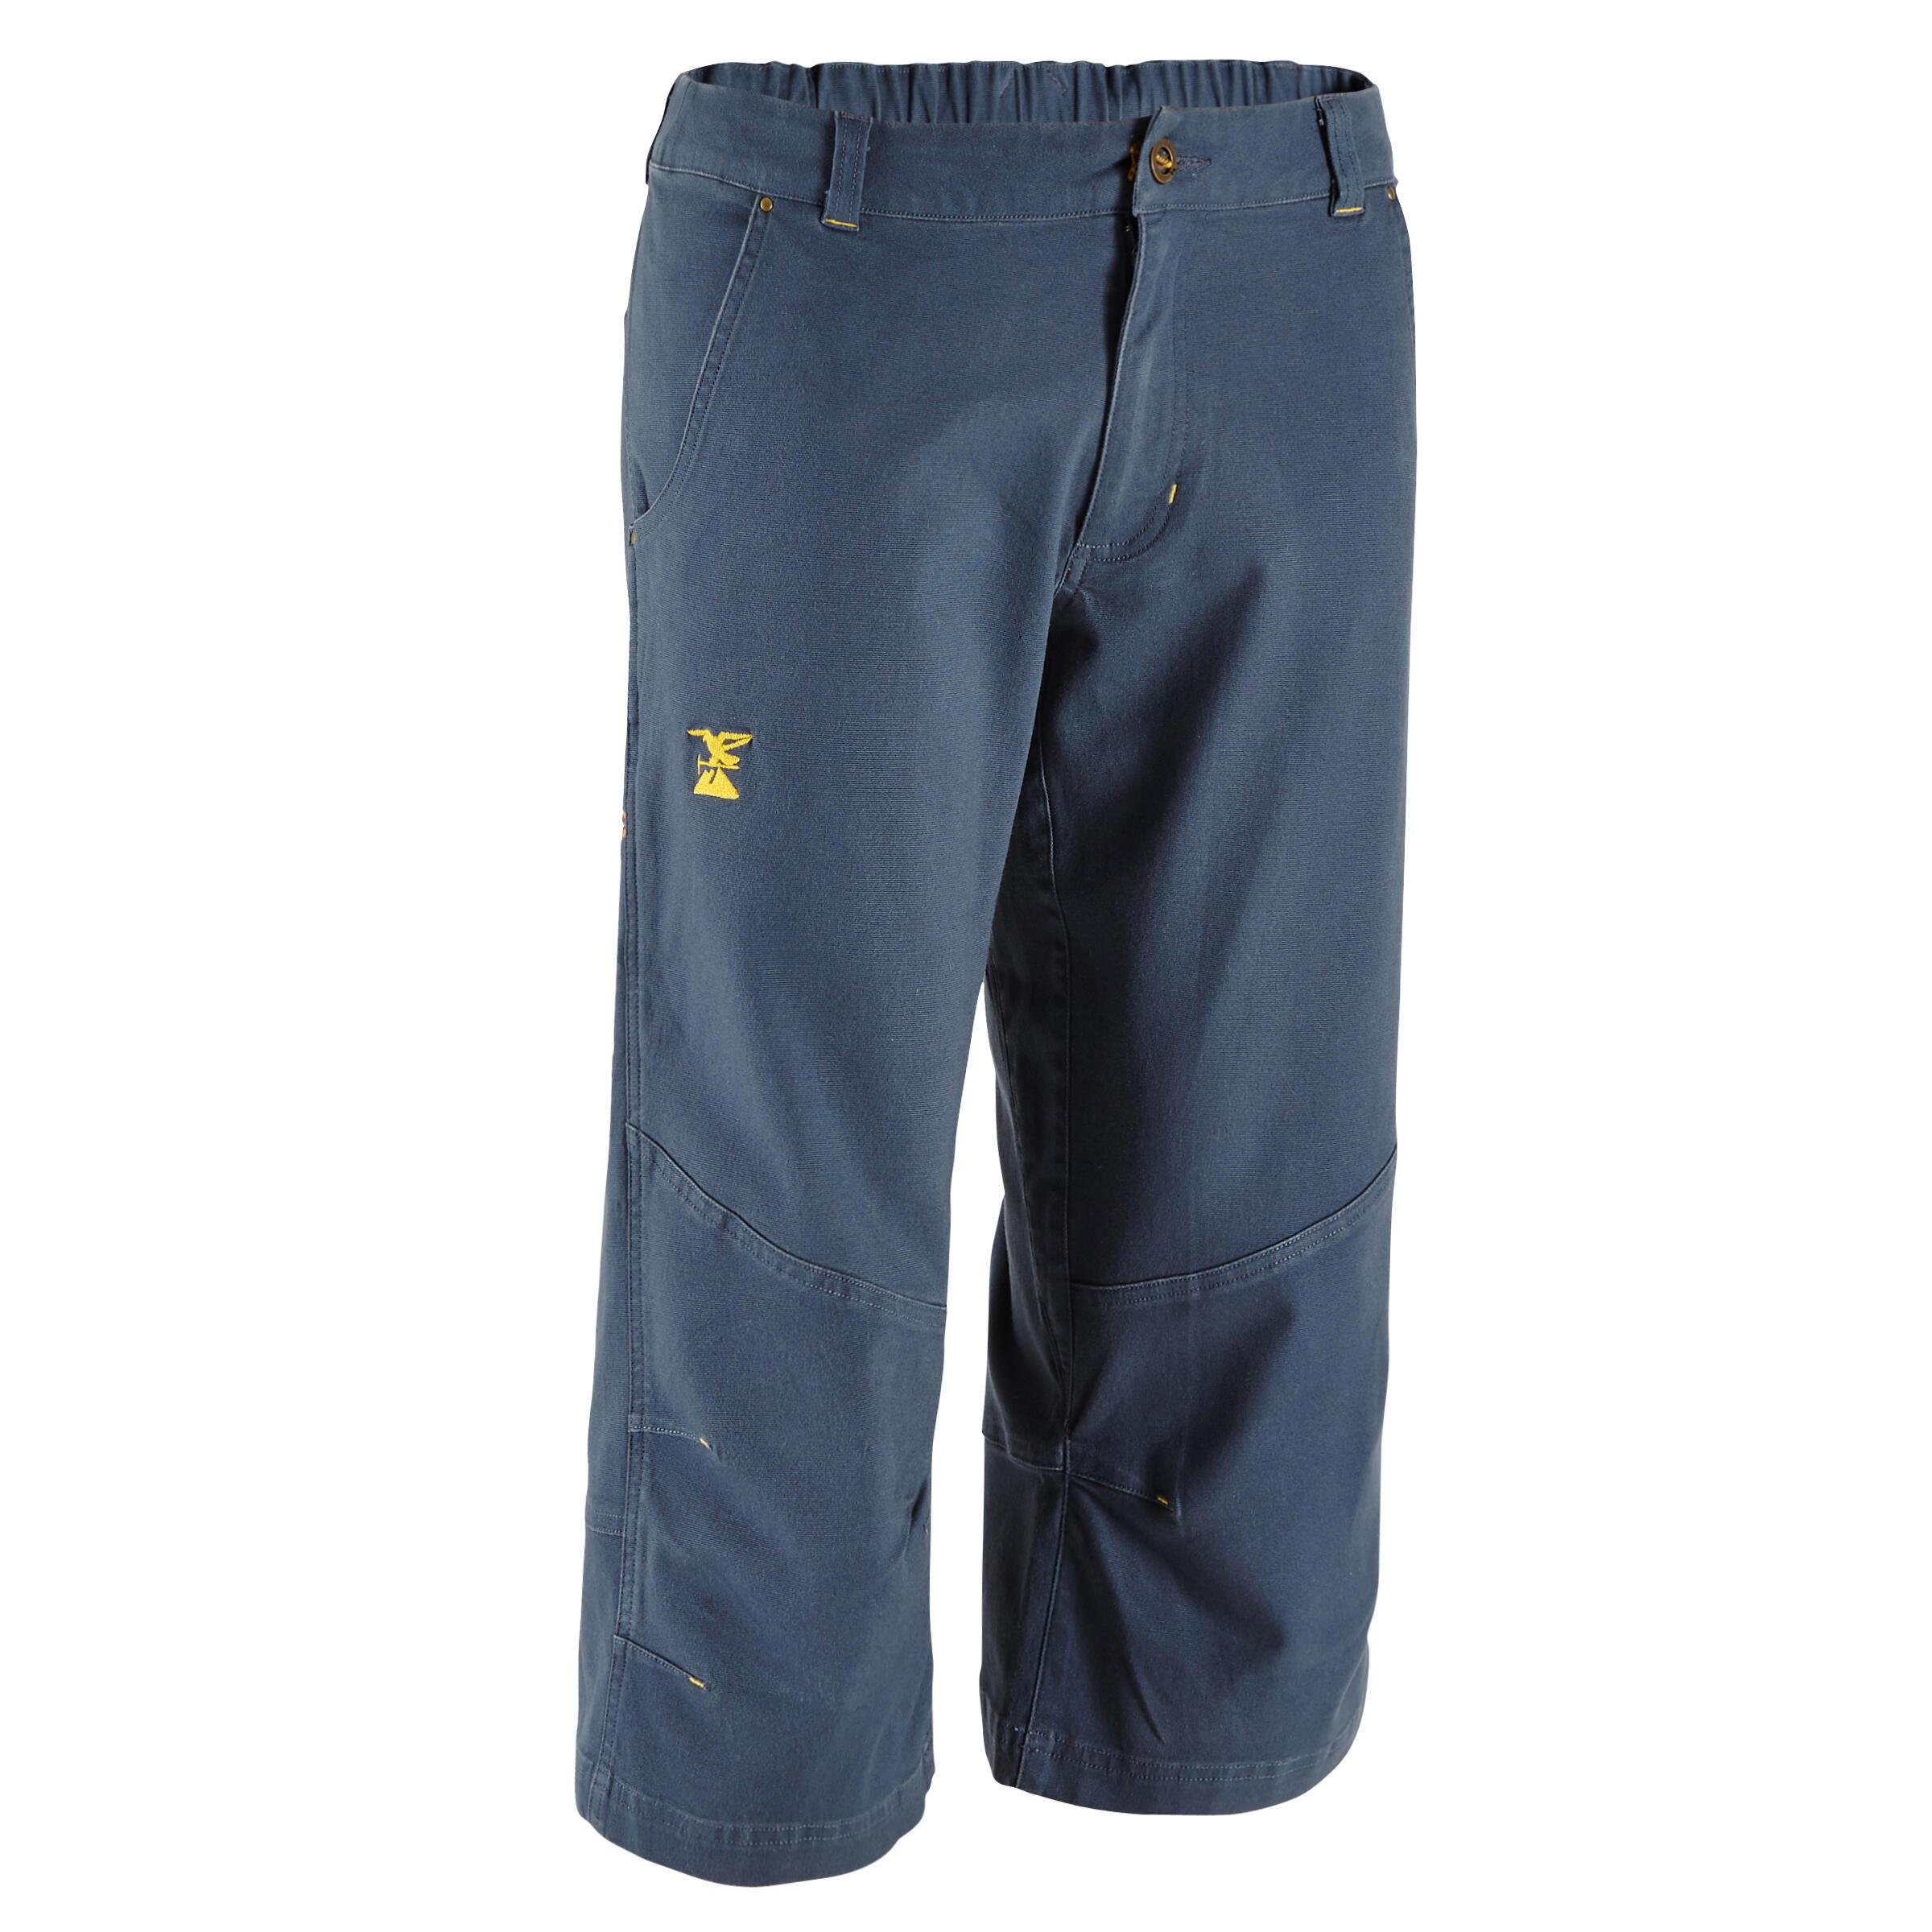 Pantalon escaladă Bărbaţi